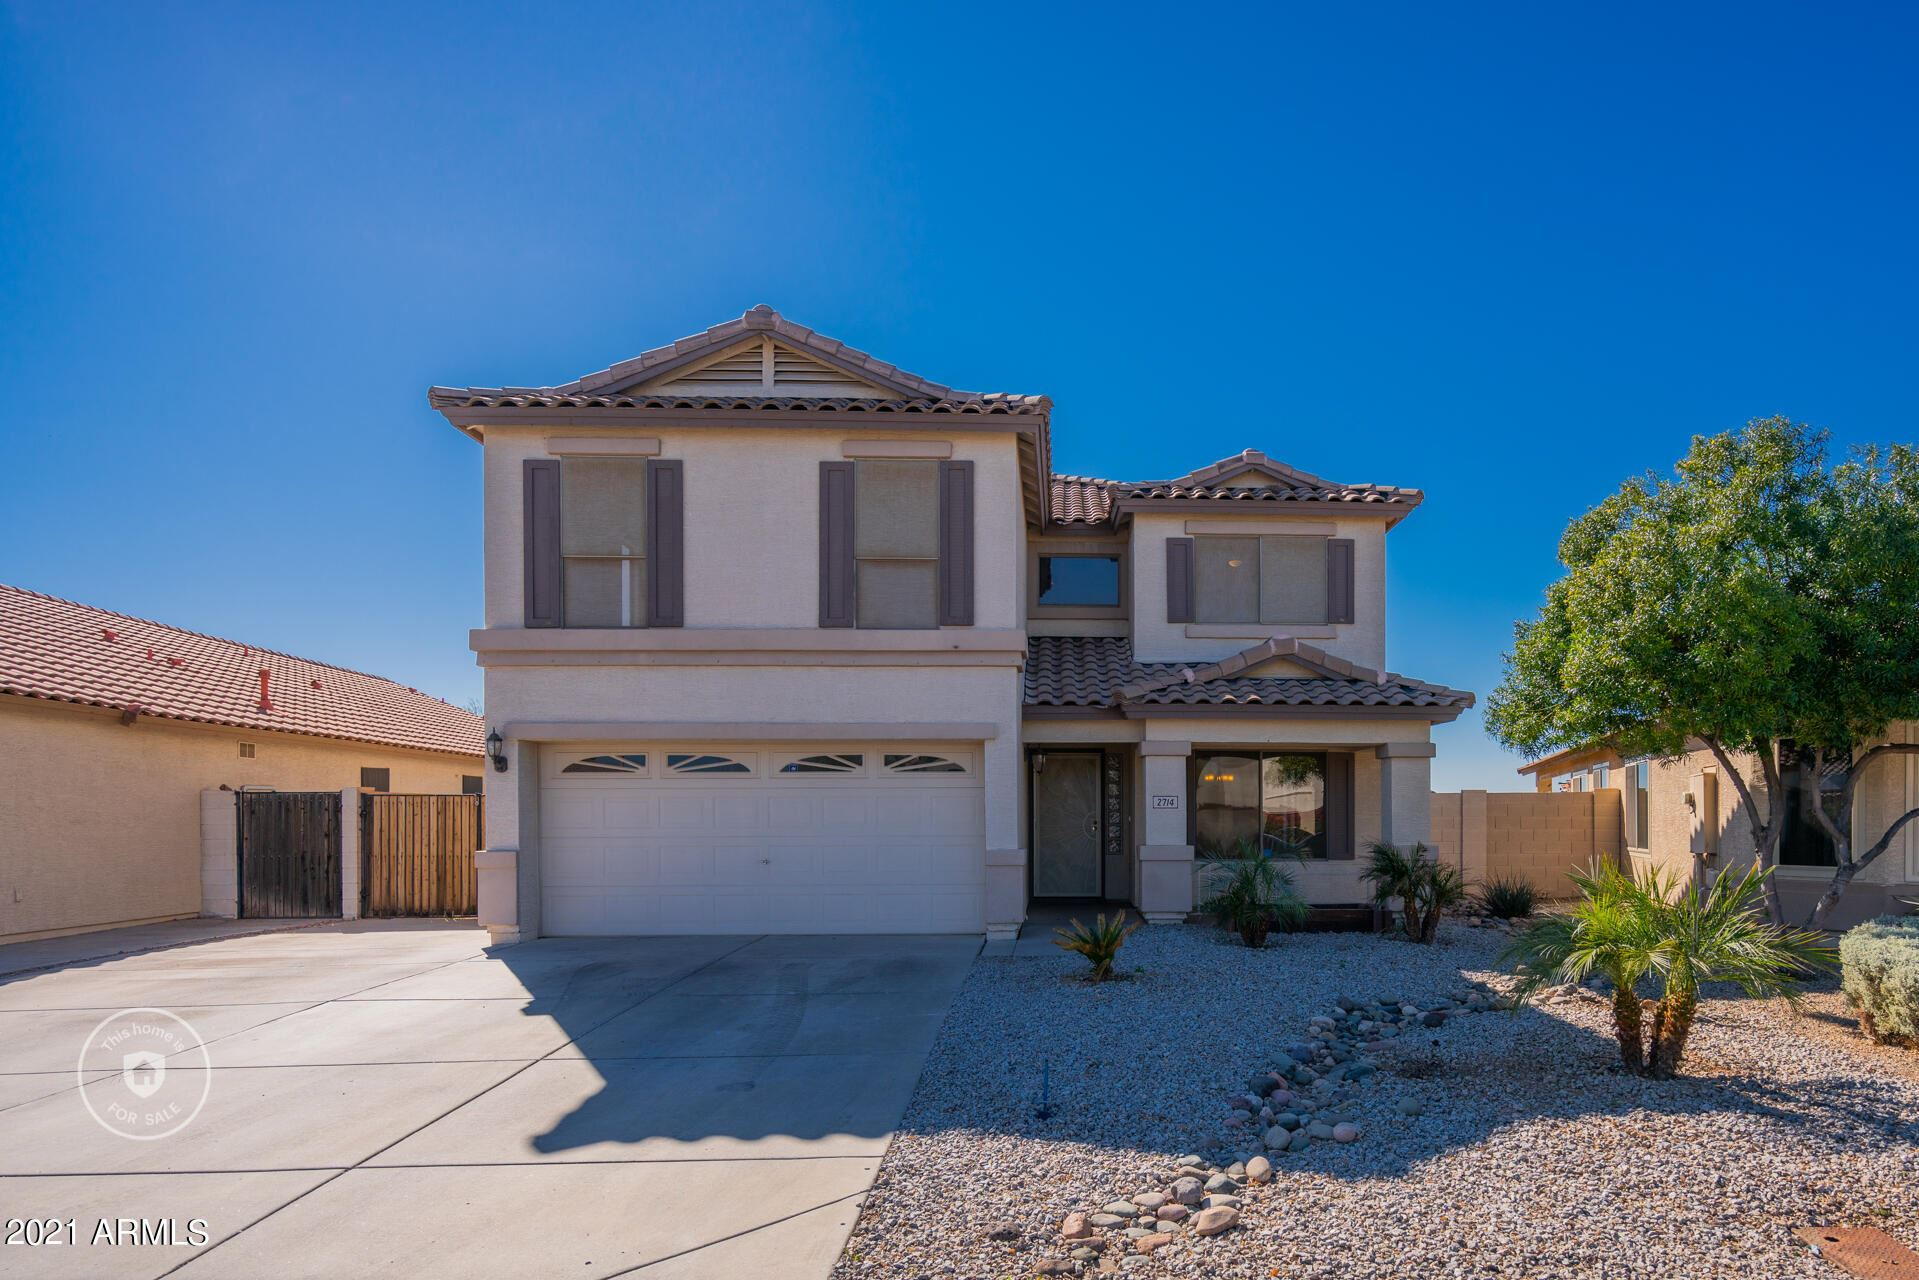 Photo of 2714 N 112TH Lane, Avondale, AZ 85392 (MLS # 6200766)